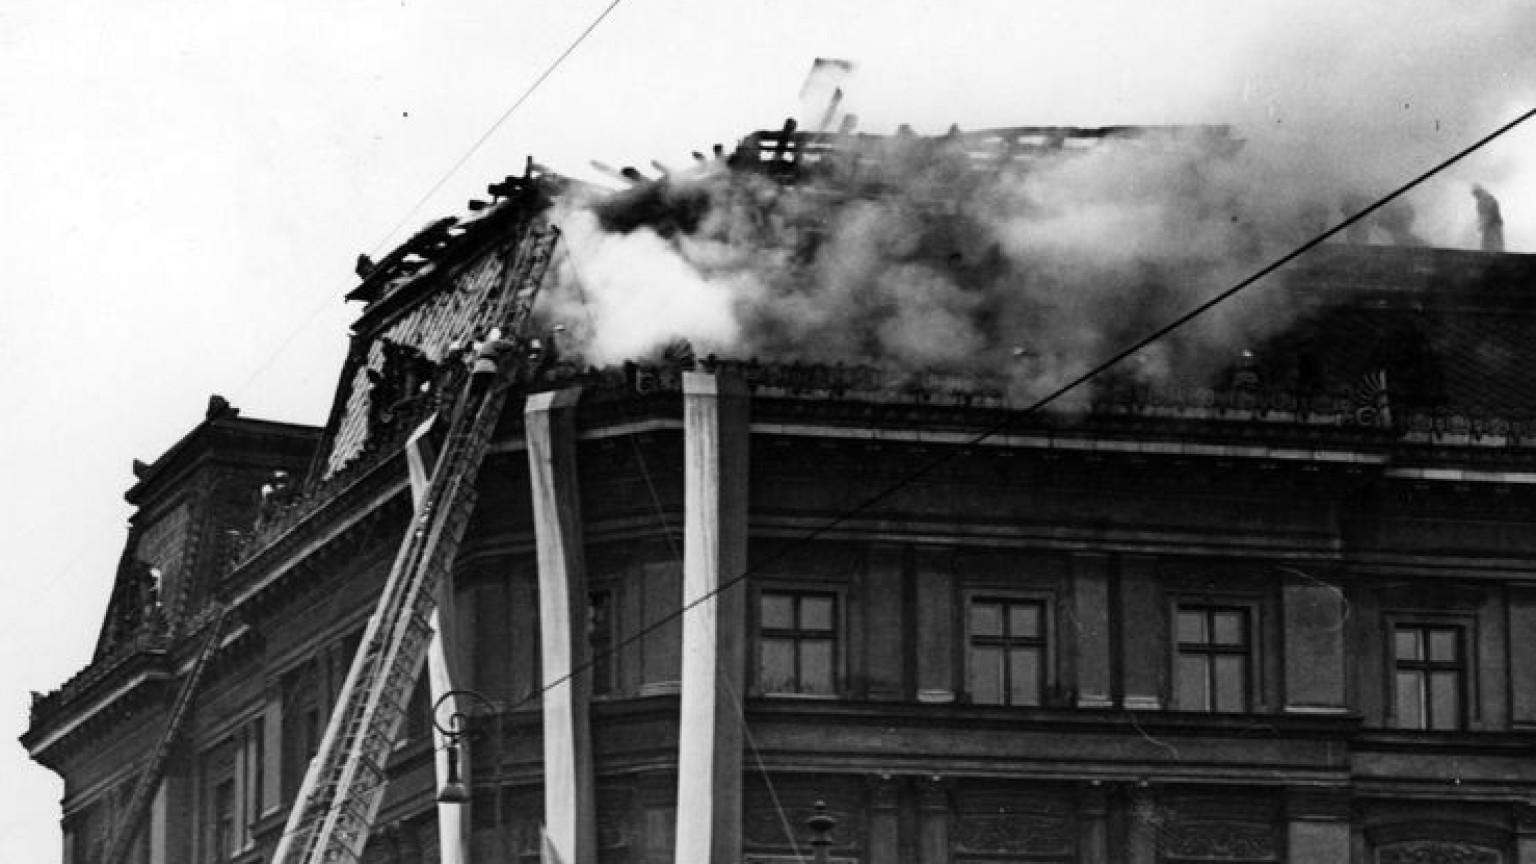 Zdjęcie dla kartki: Pożar Pałacu Kronenberga